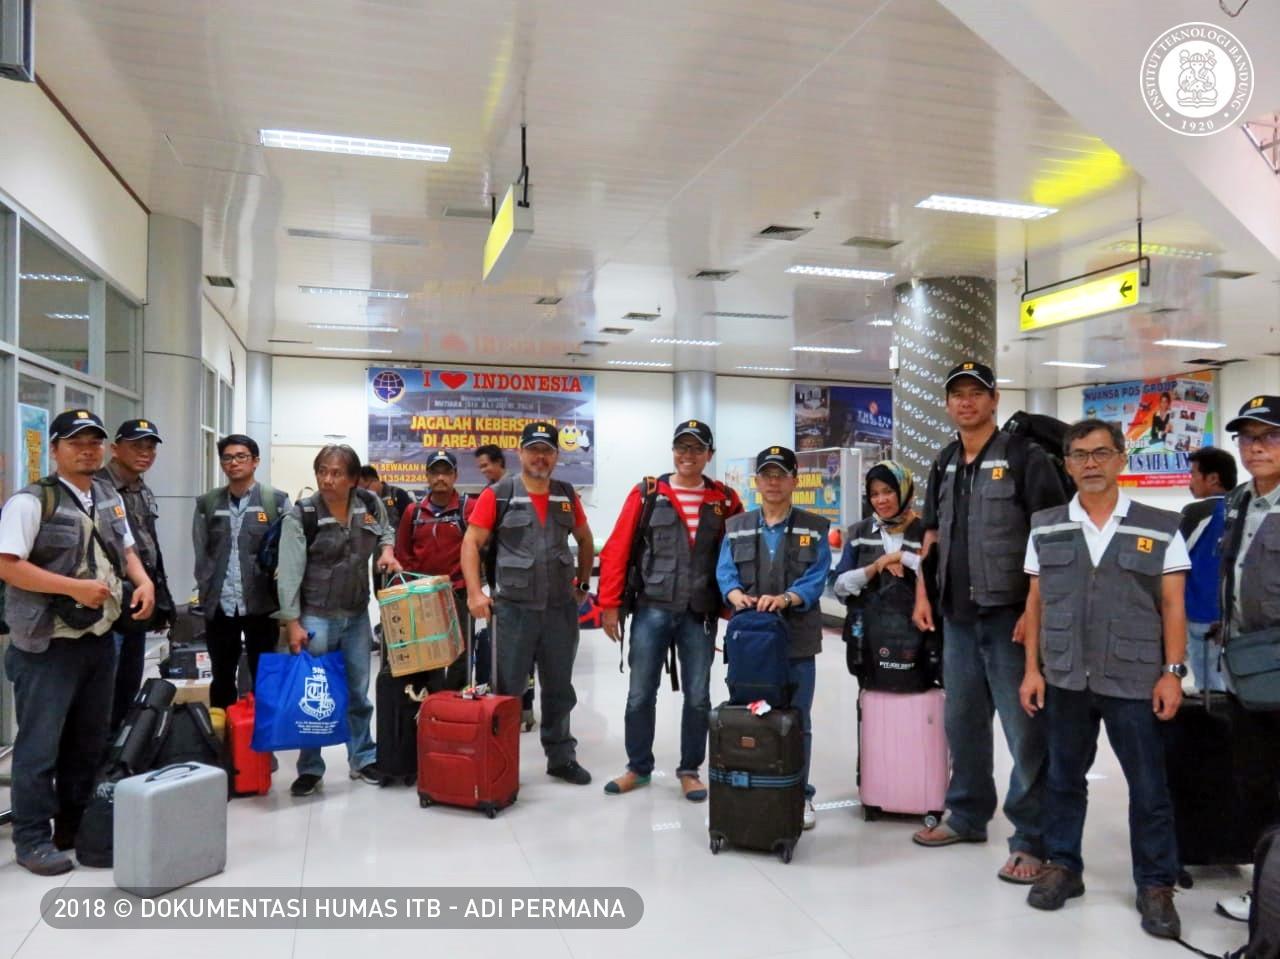 itb-bantu-rehabilitasi-dan-rekonstruksi-pasca-gempa-dan-tsunami-di-sulteng